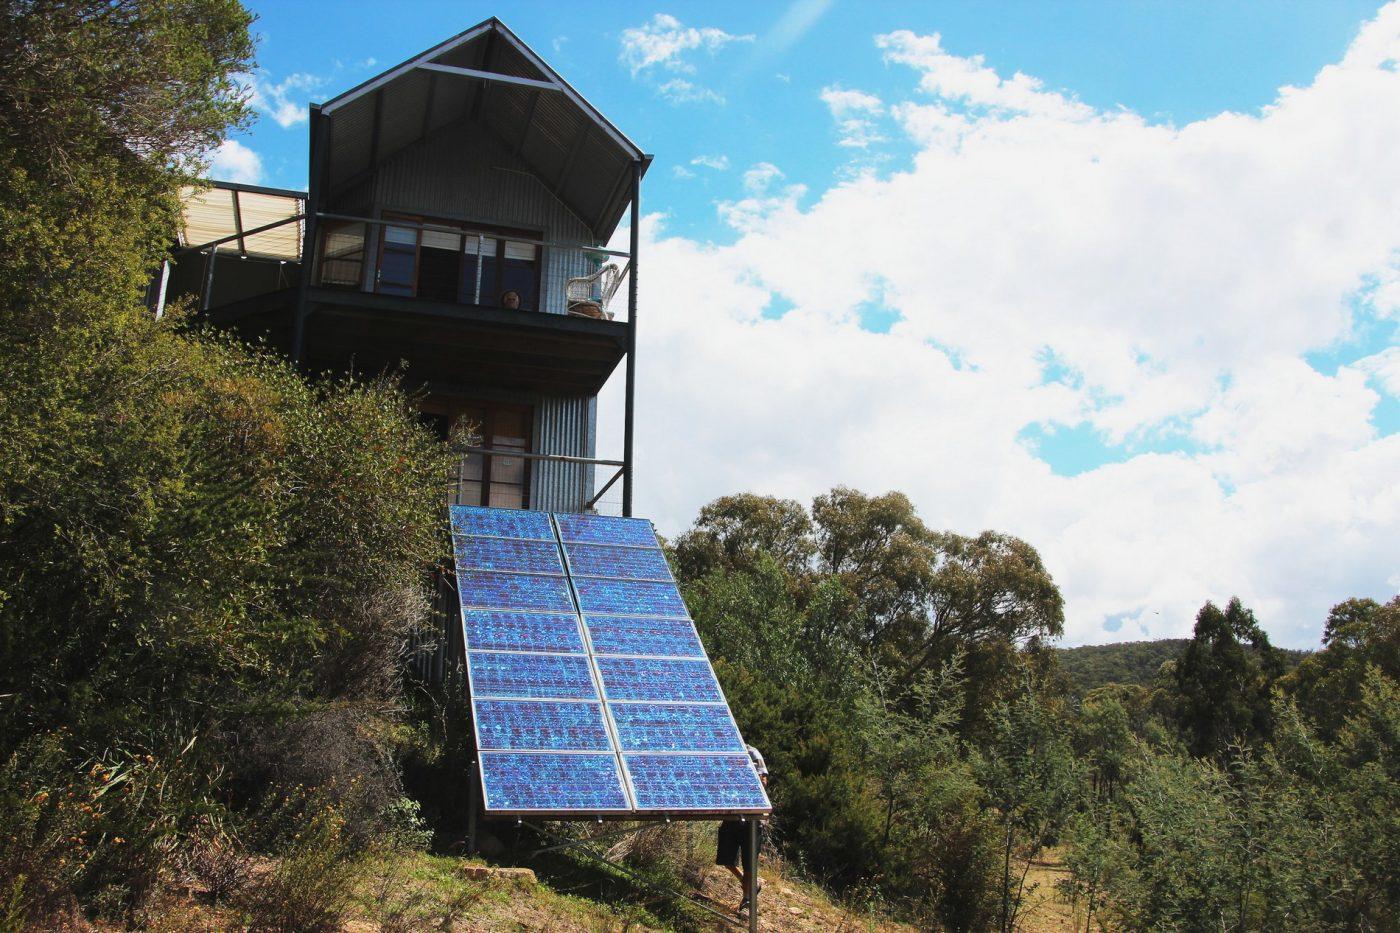 panneau solaire pour maison cool elegant banque duimages. Black Bedroom Furniture Sets. Home Design Ideas